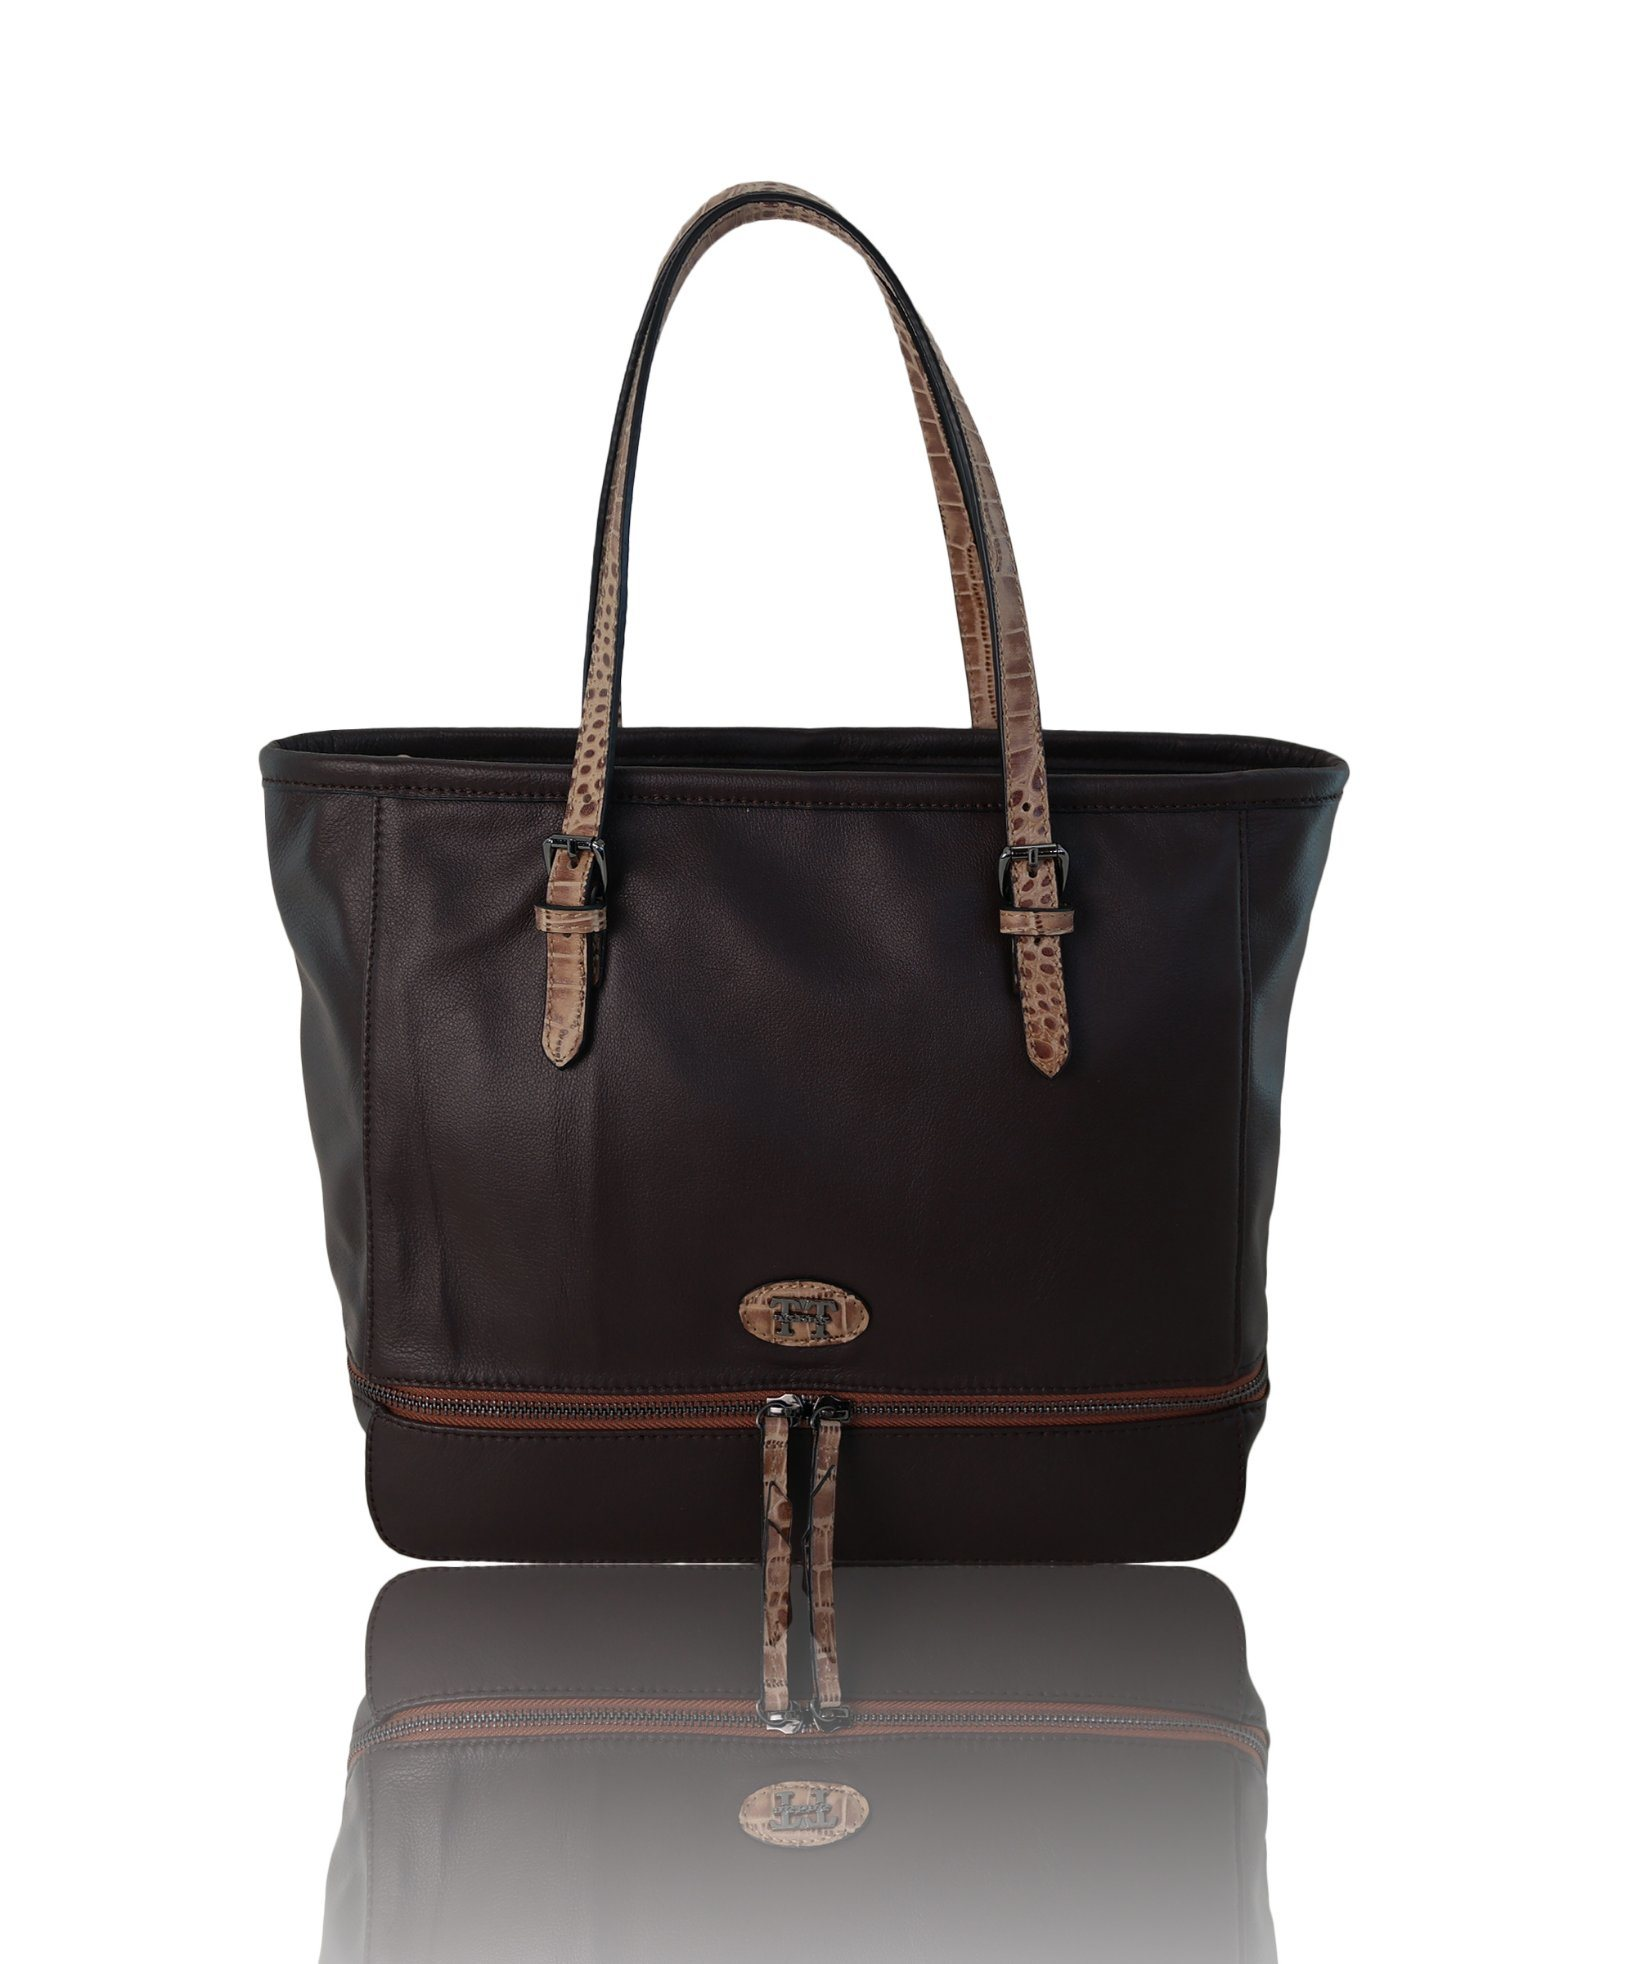 Hotselling China Wholesale Customized Women Handbag PU Leather Bag